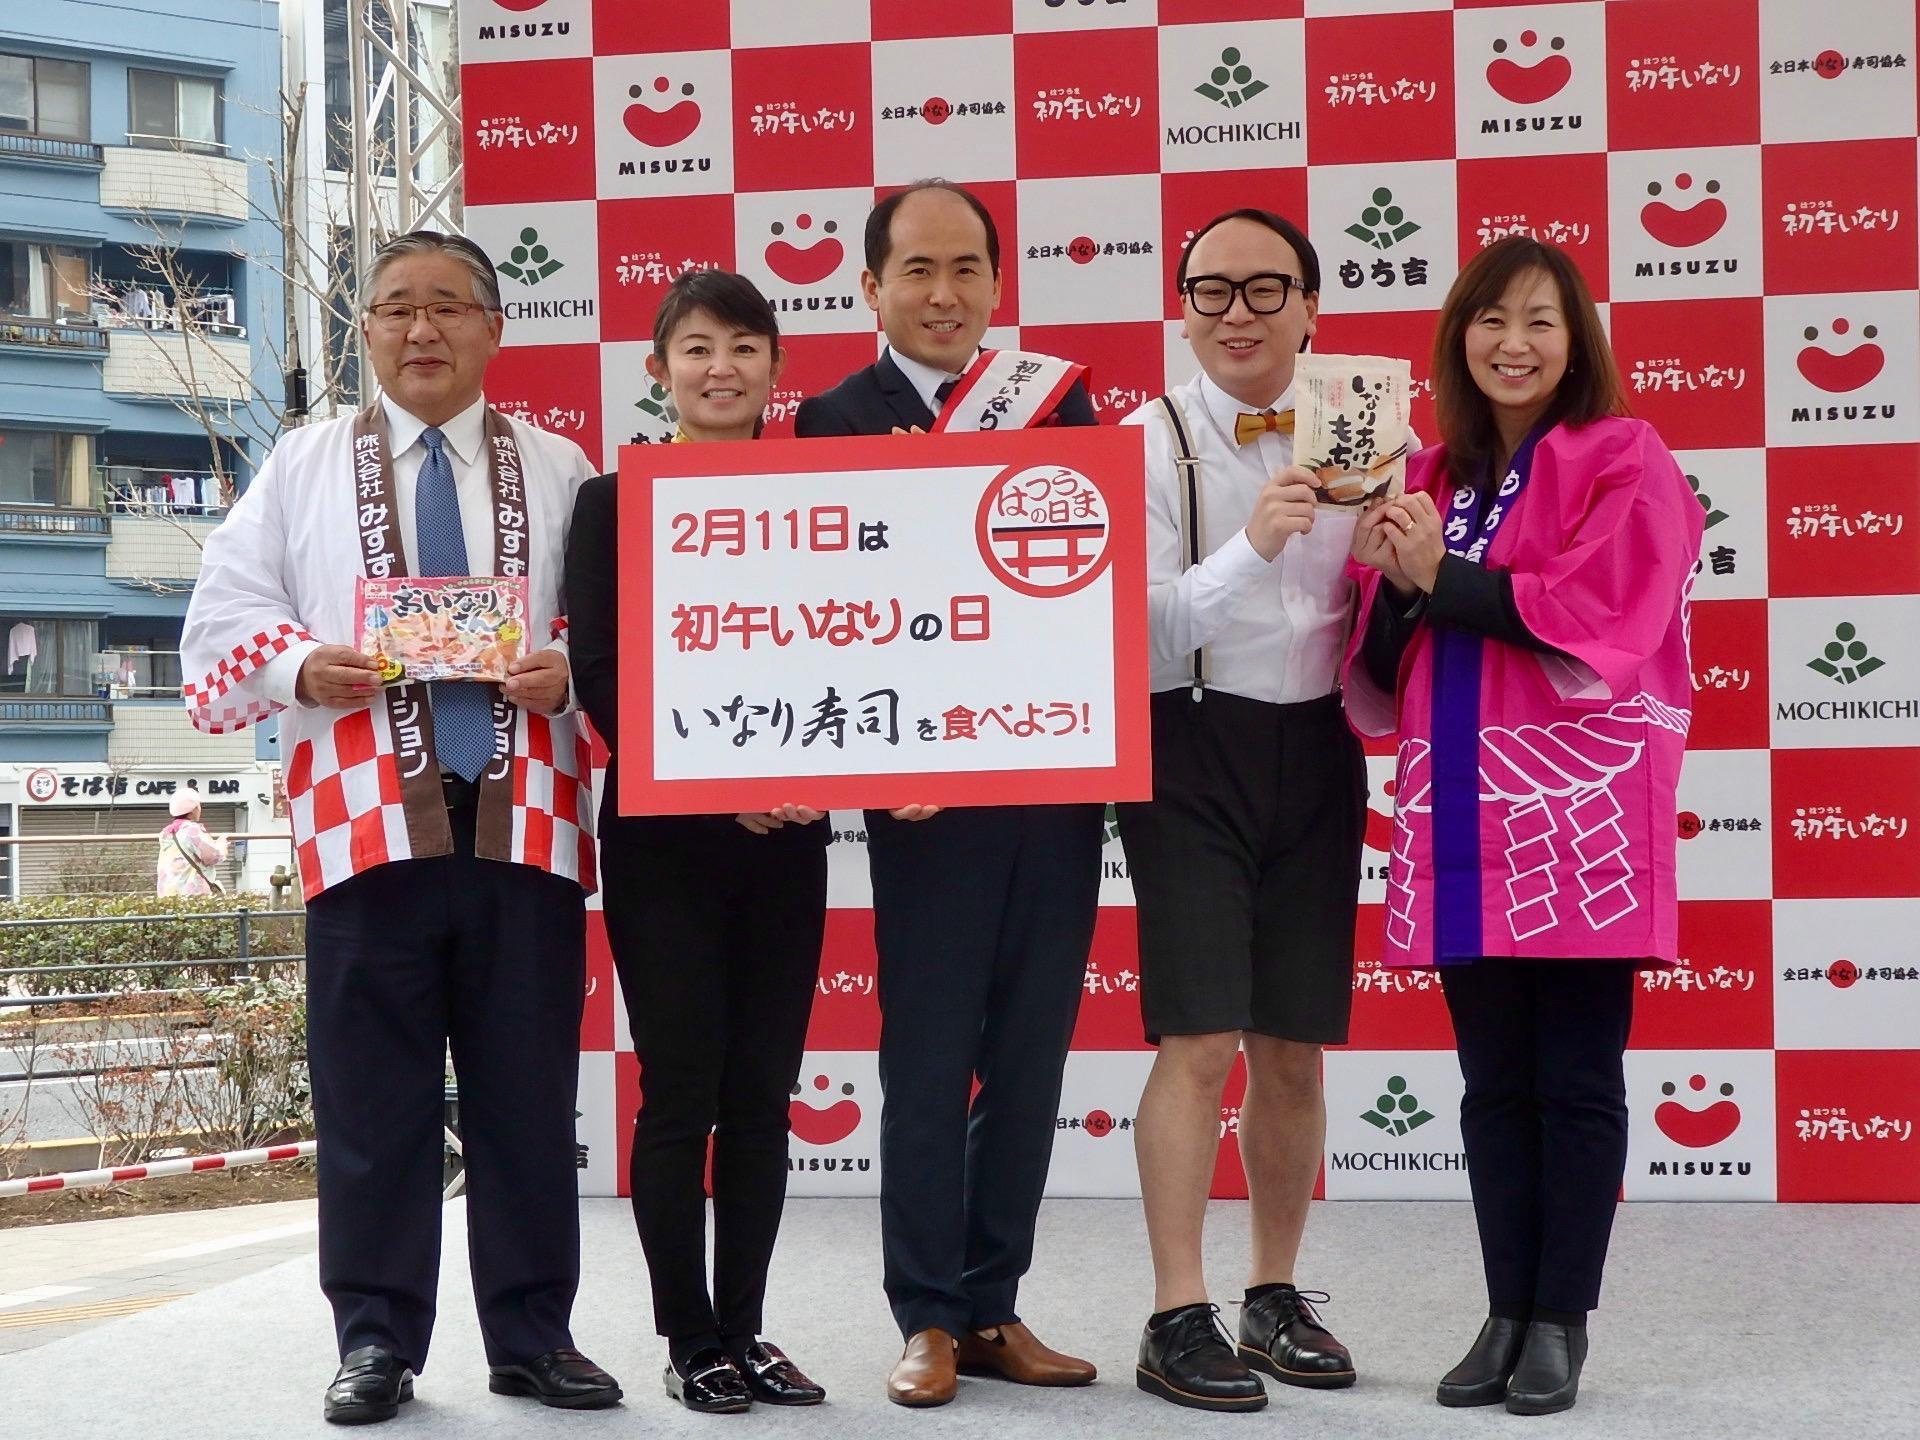 http://news.yoshimoto.co.jp/20180210164240-7ce1ddb252ffd7c97b1f58792dc8bbaf361d9c17.jpg